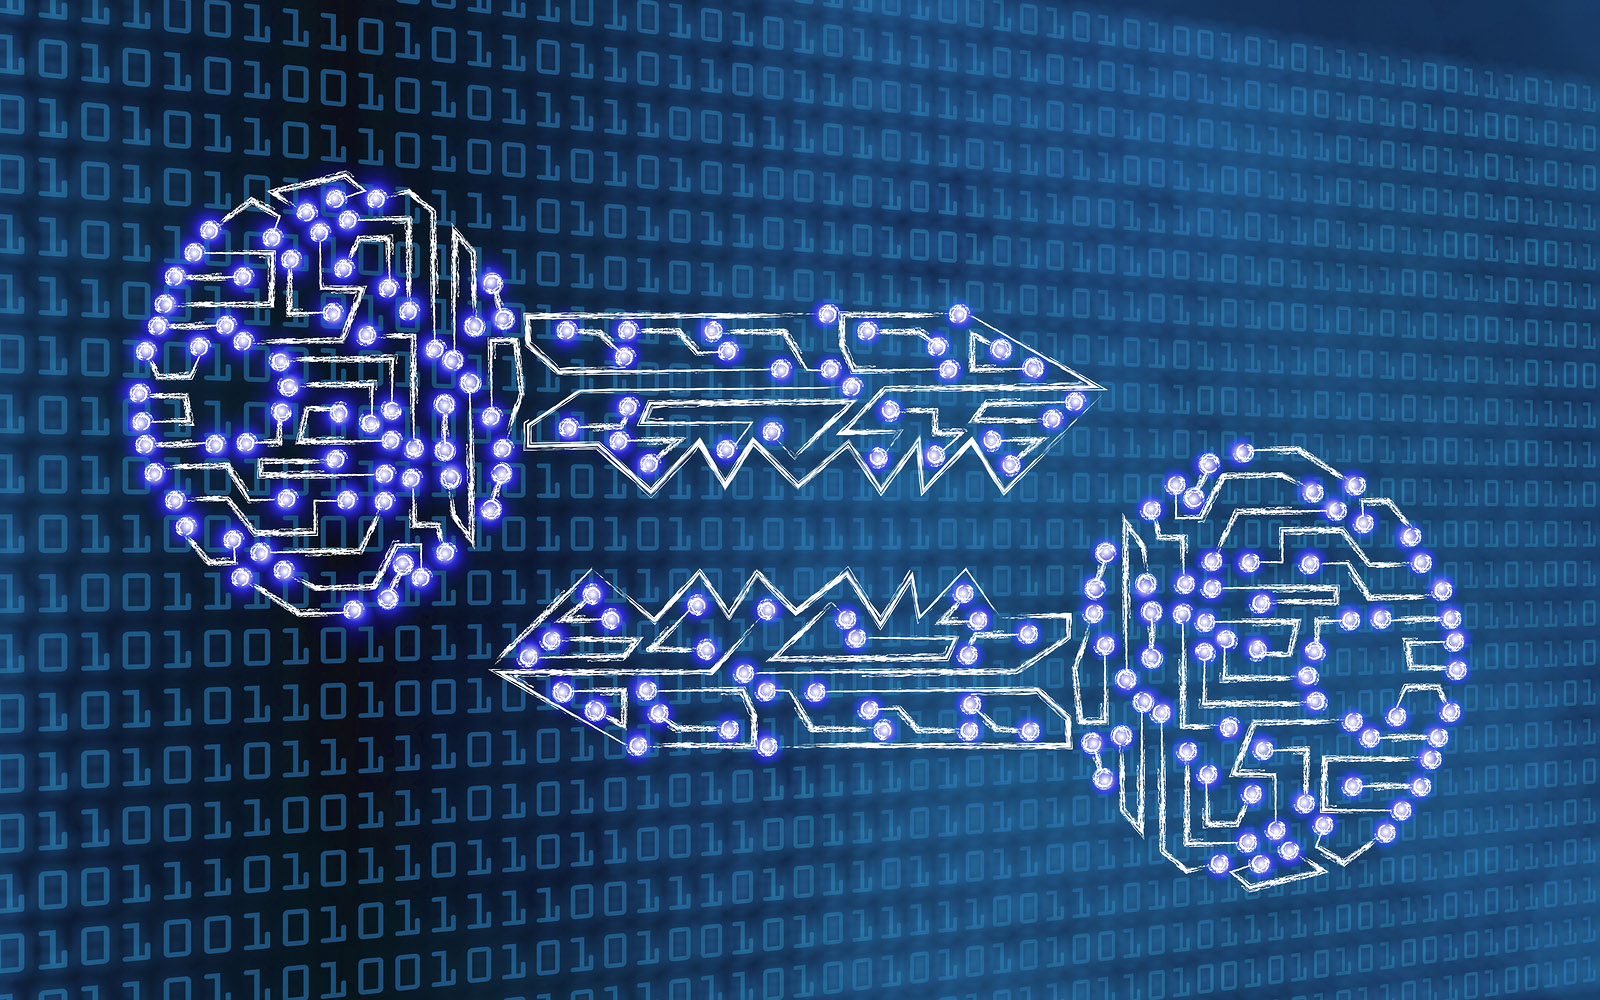 Шифрование на основе квантовых блужданий для Интернета Вещей в сетях 5G